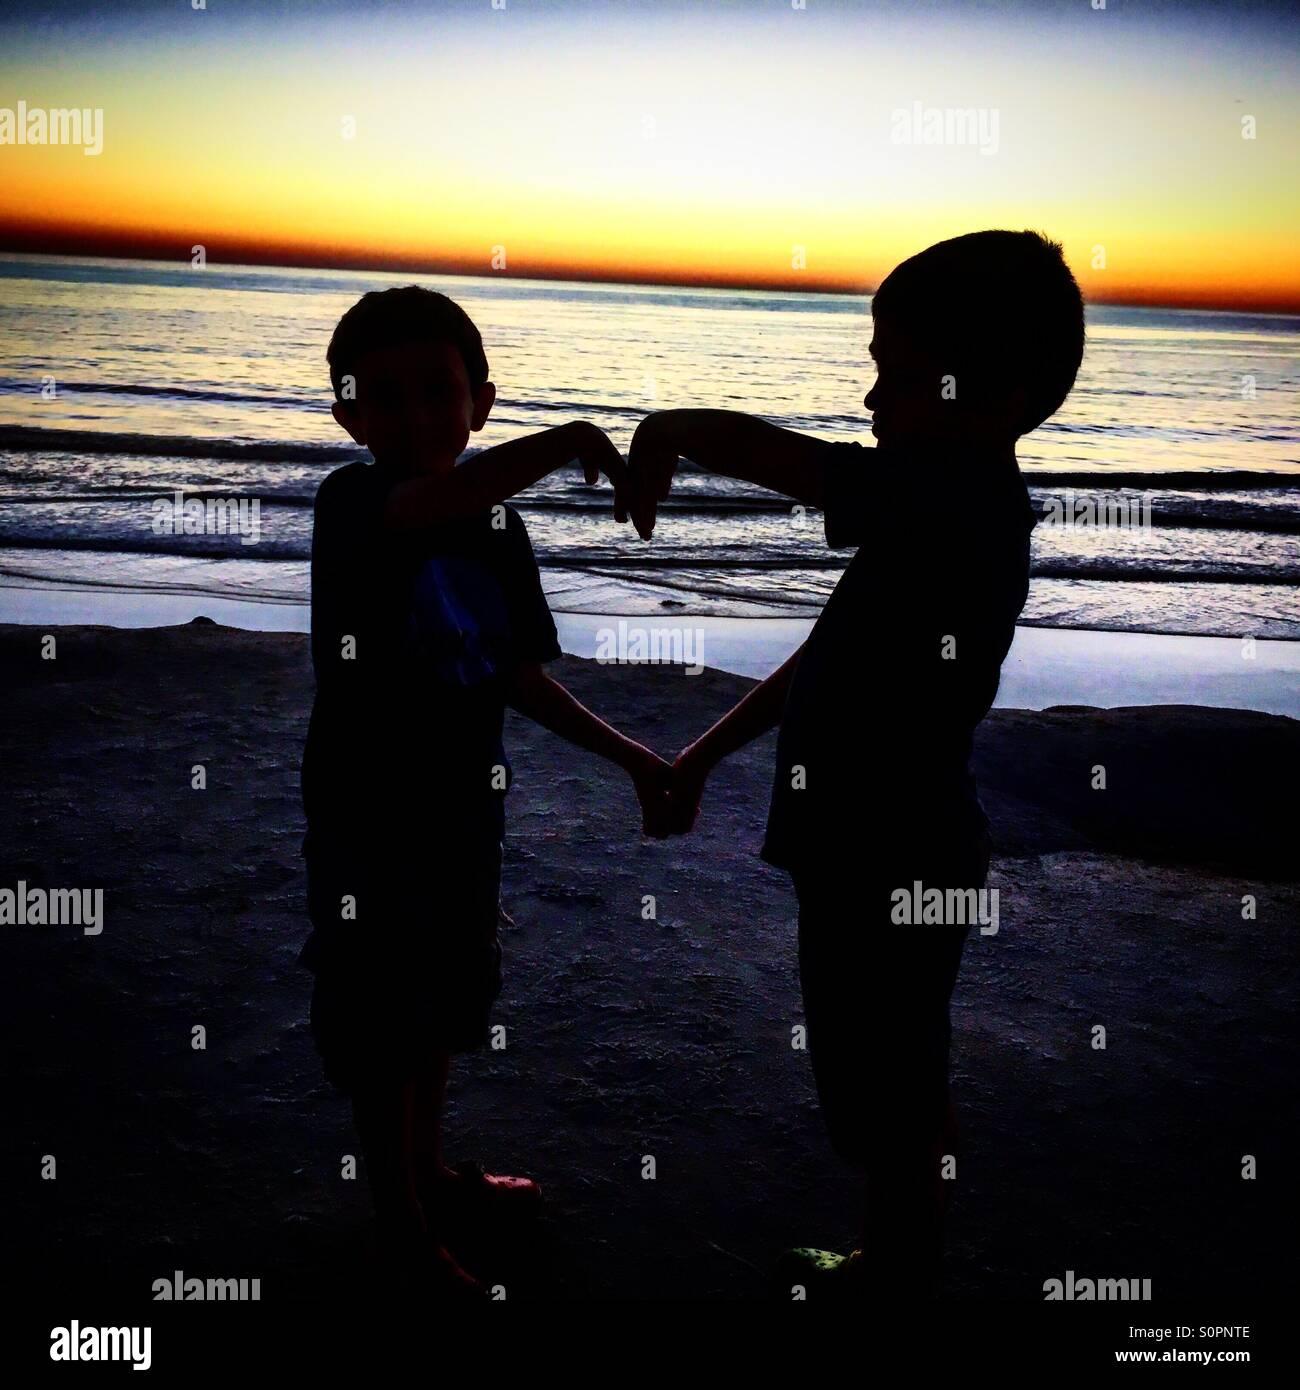 Dos chicos haciendo una forma de corazón durante la puesta de sol en la playa. Imagen De Stock